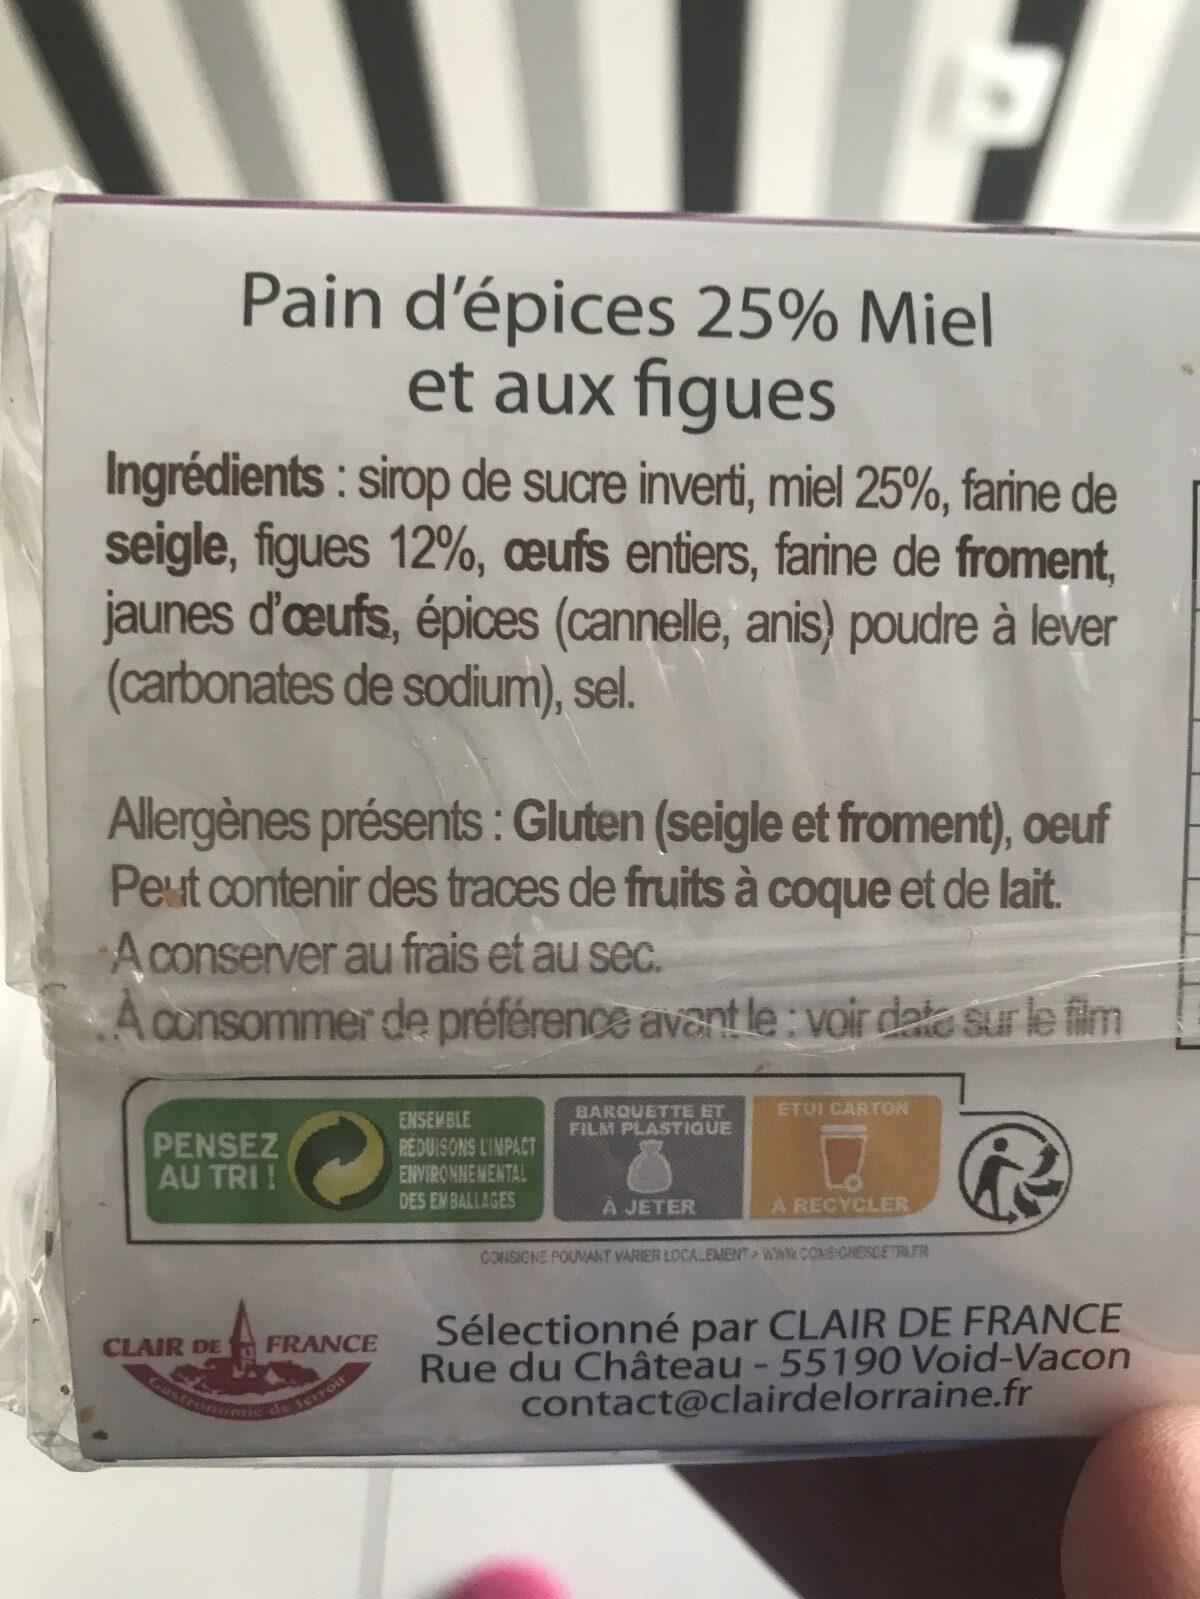 Pain d'épices au miel et figues - Ingrediënten